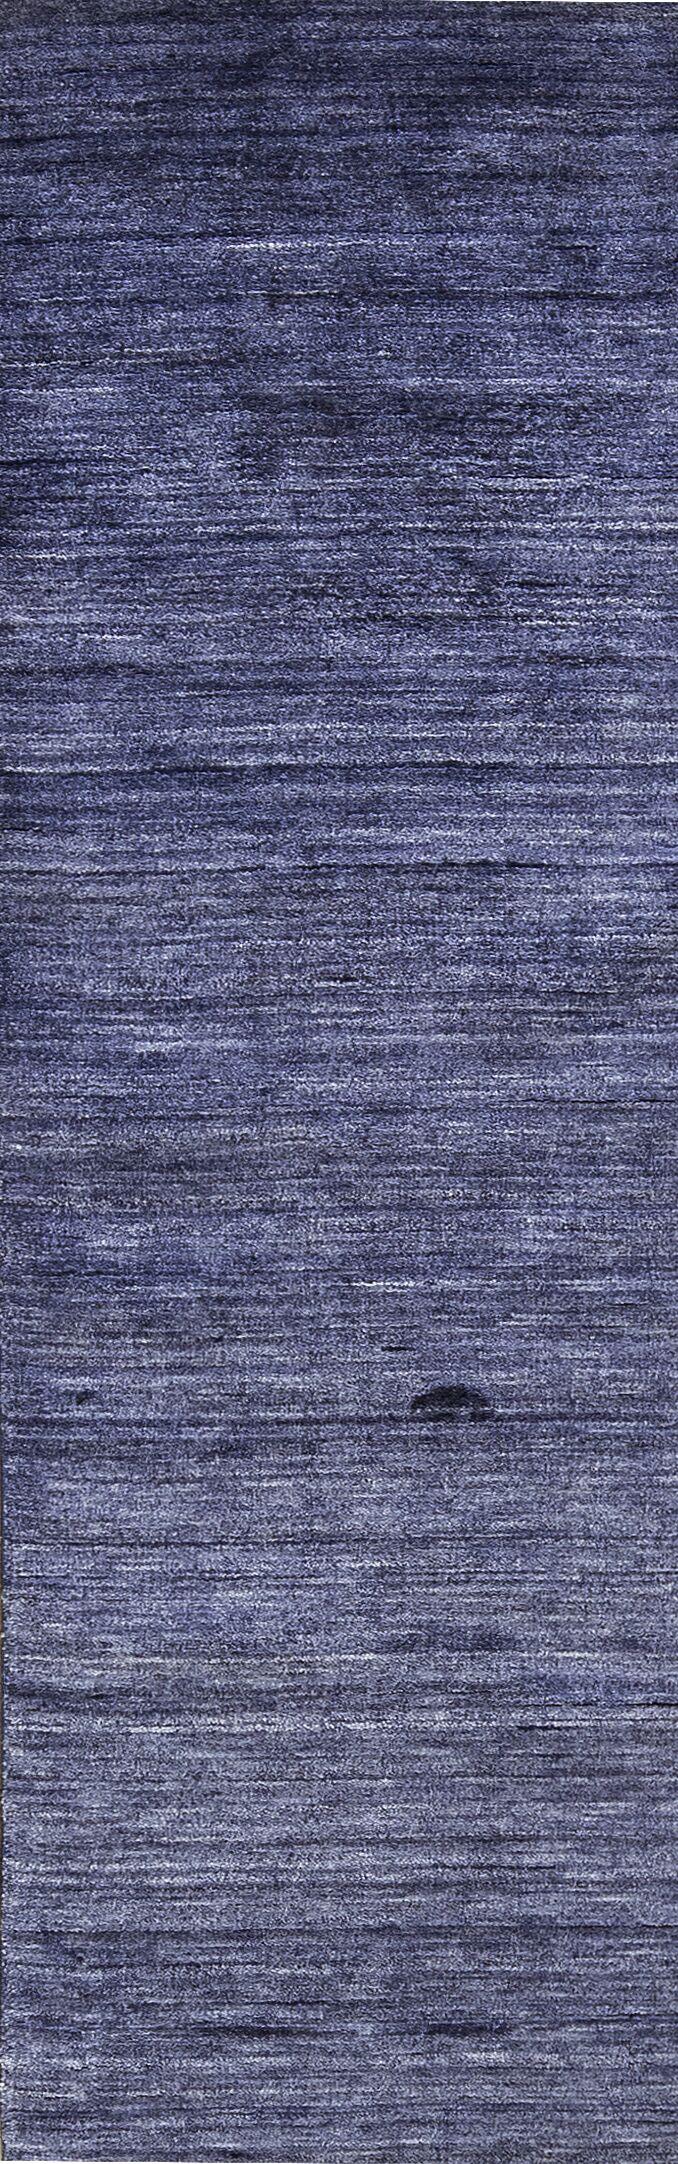 Blue Indoor Area Rug